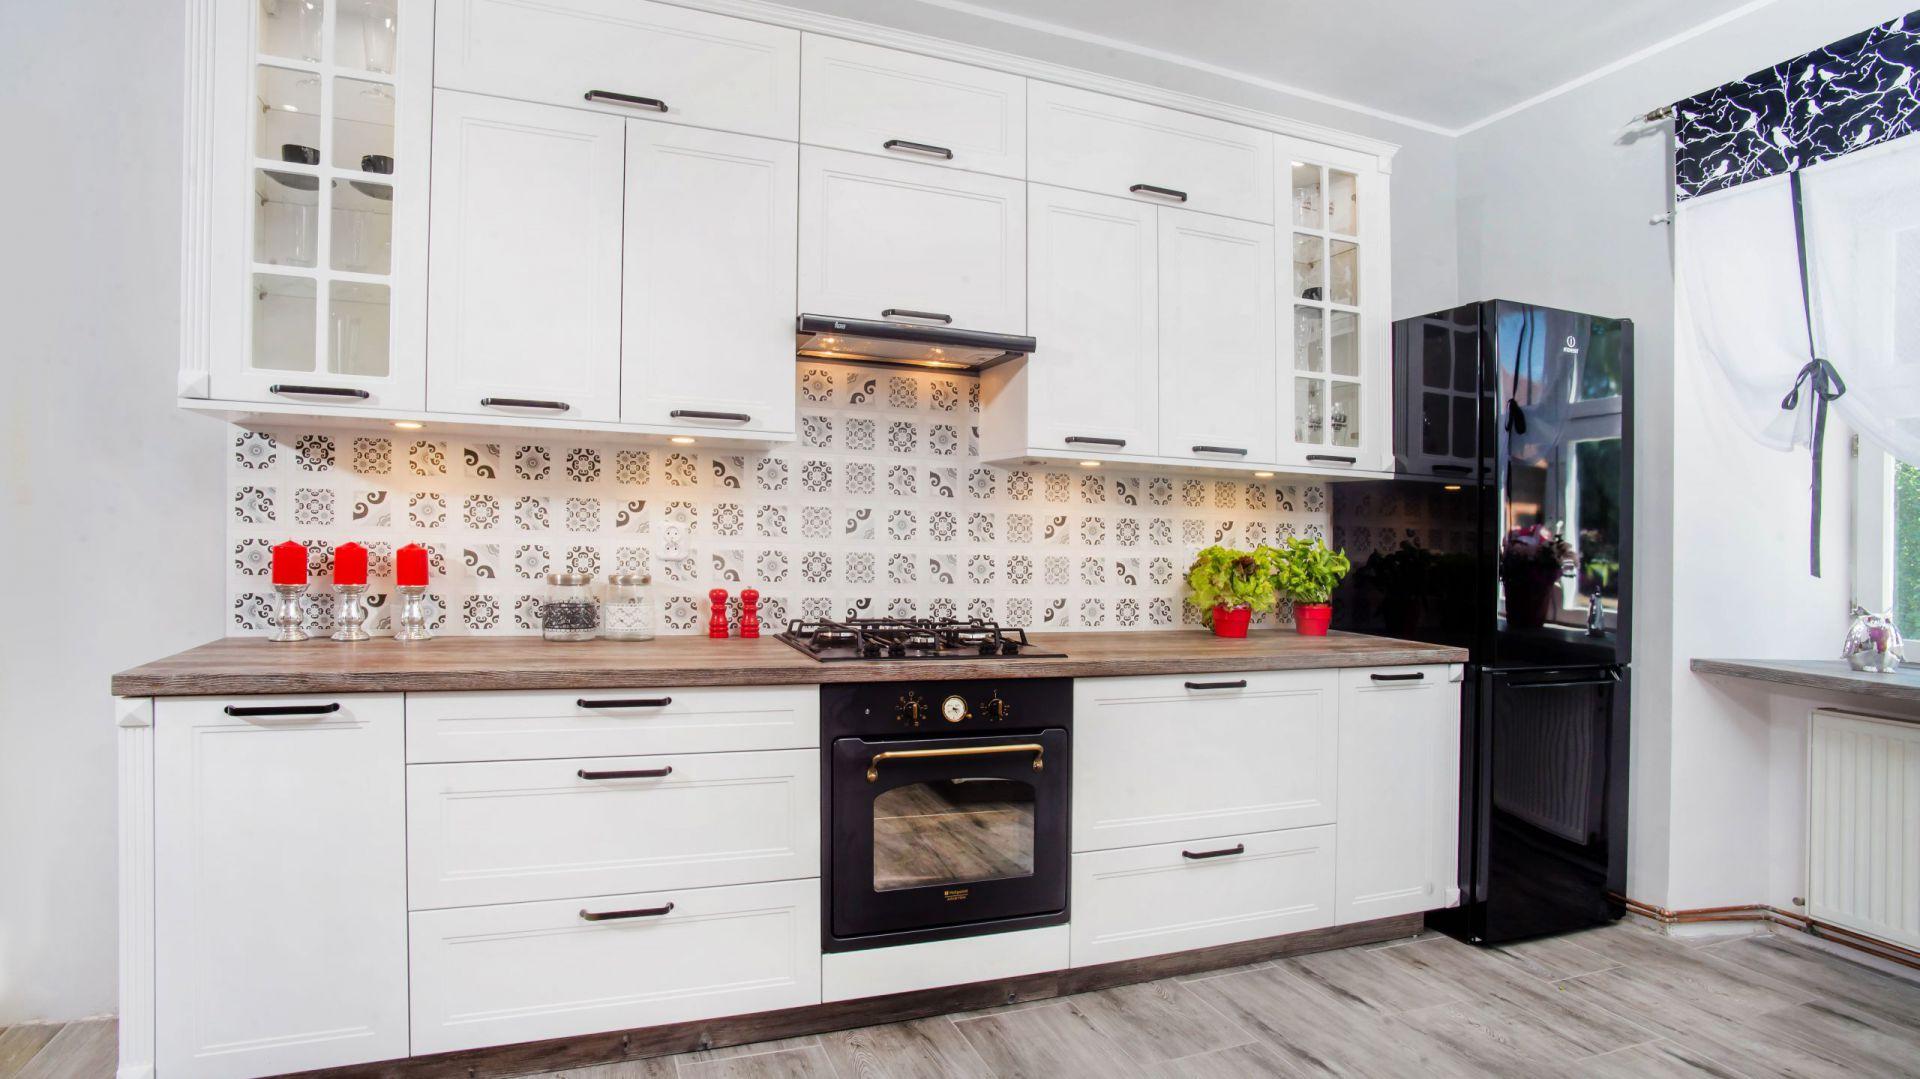 Kuchnia W Stylu Klasycznym Zobacz Gotowe Projekty